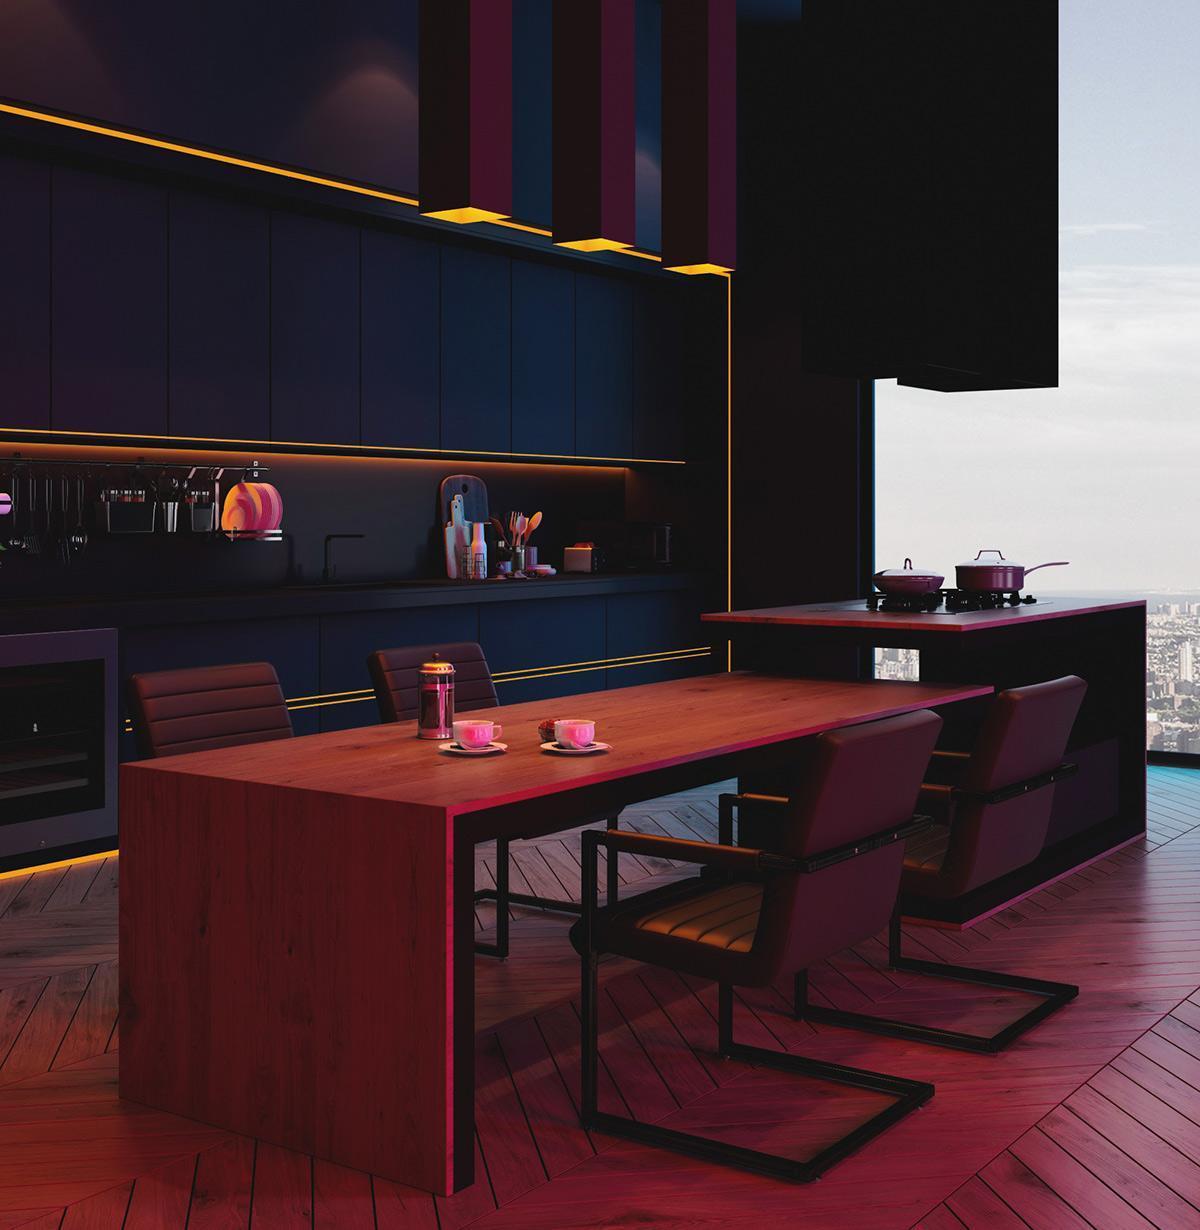 Thiết kế nội thất phòng bếp căn hộ đẹp